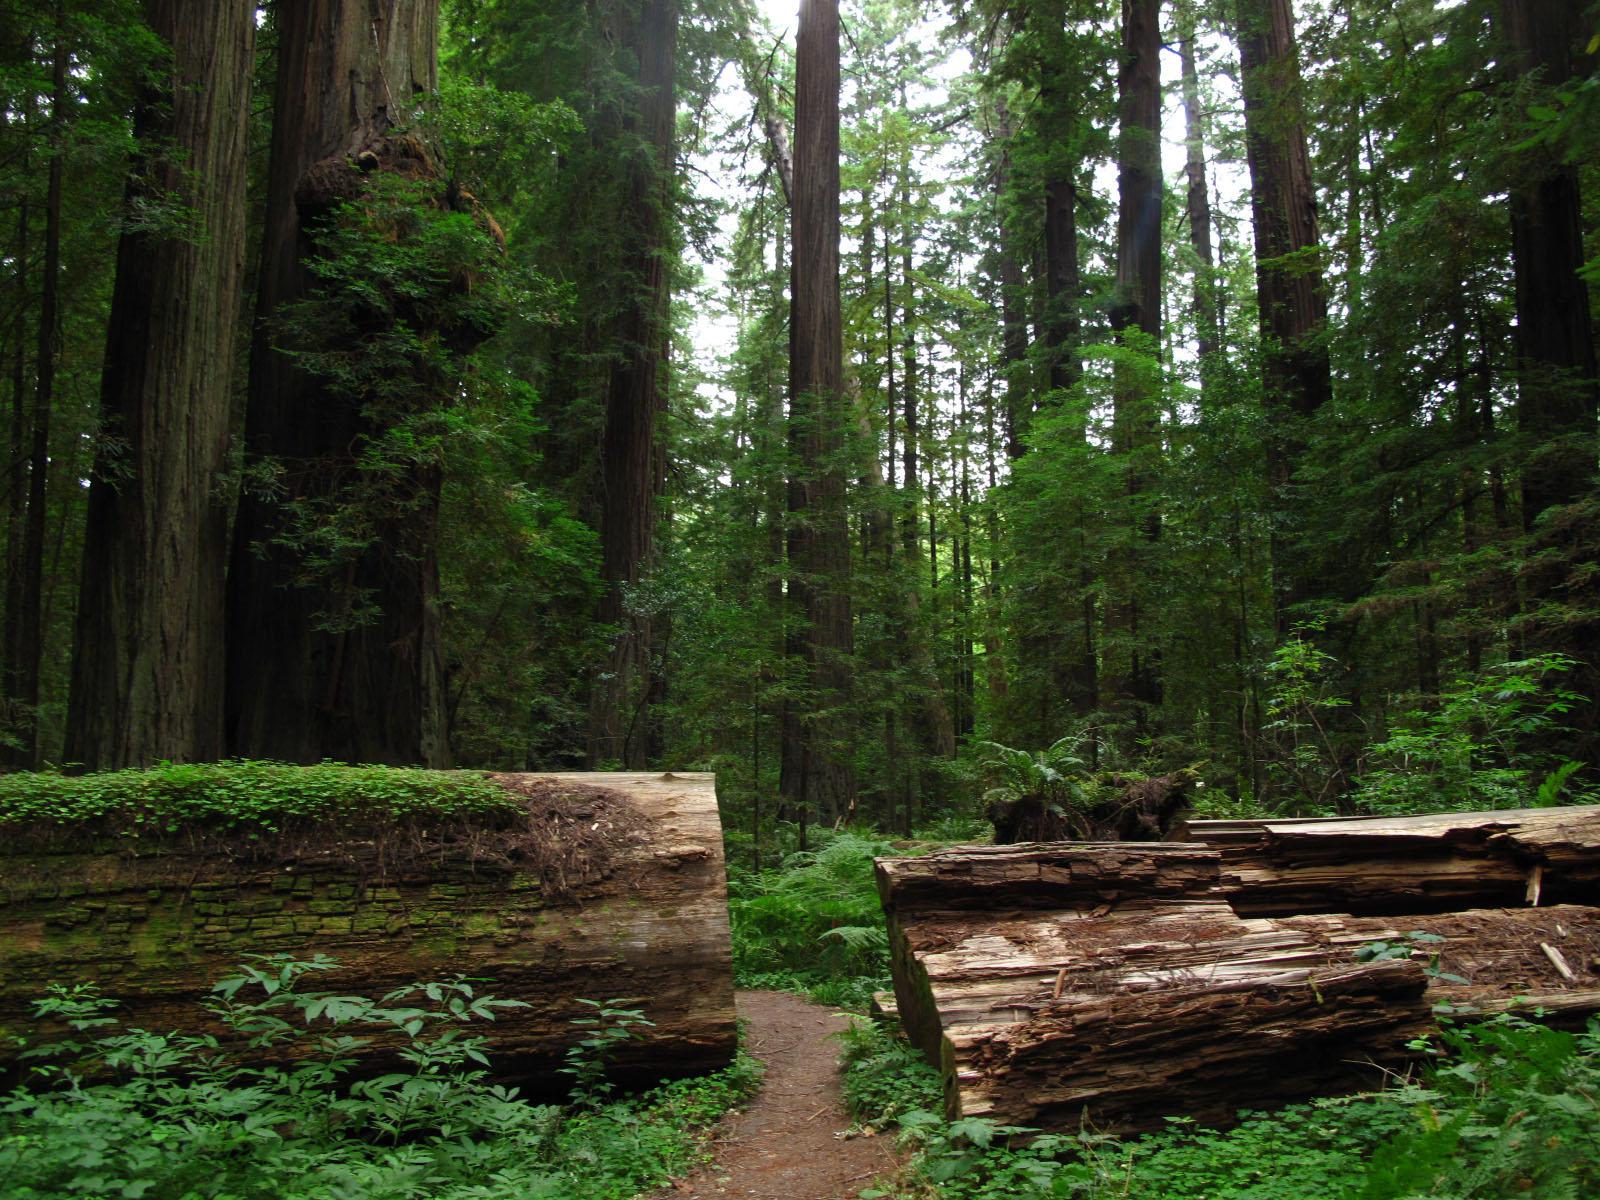 Humboldt Redwoods State Park Cabins Humboldt Redwoods State Park